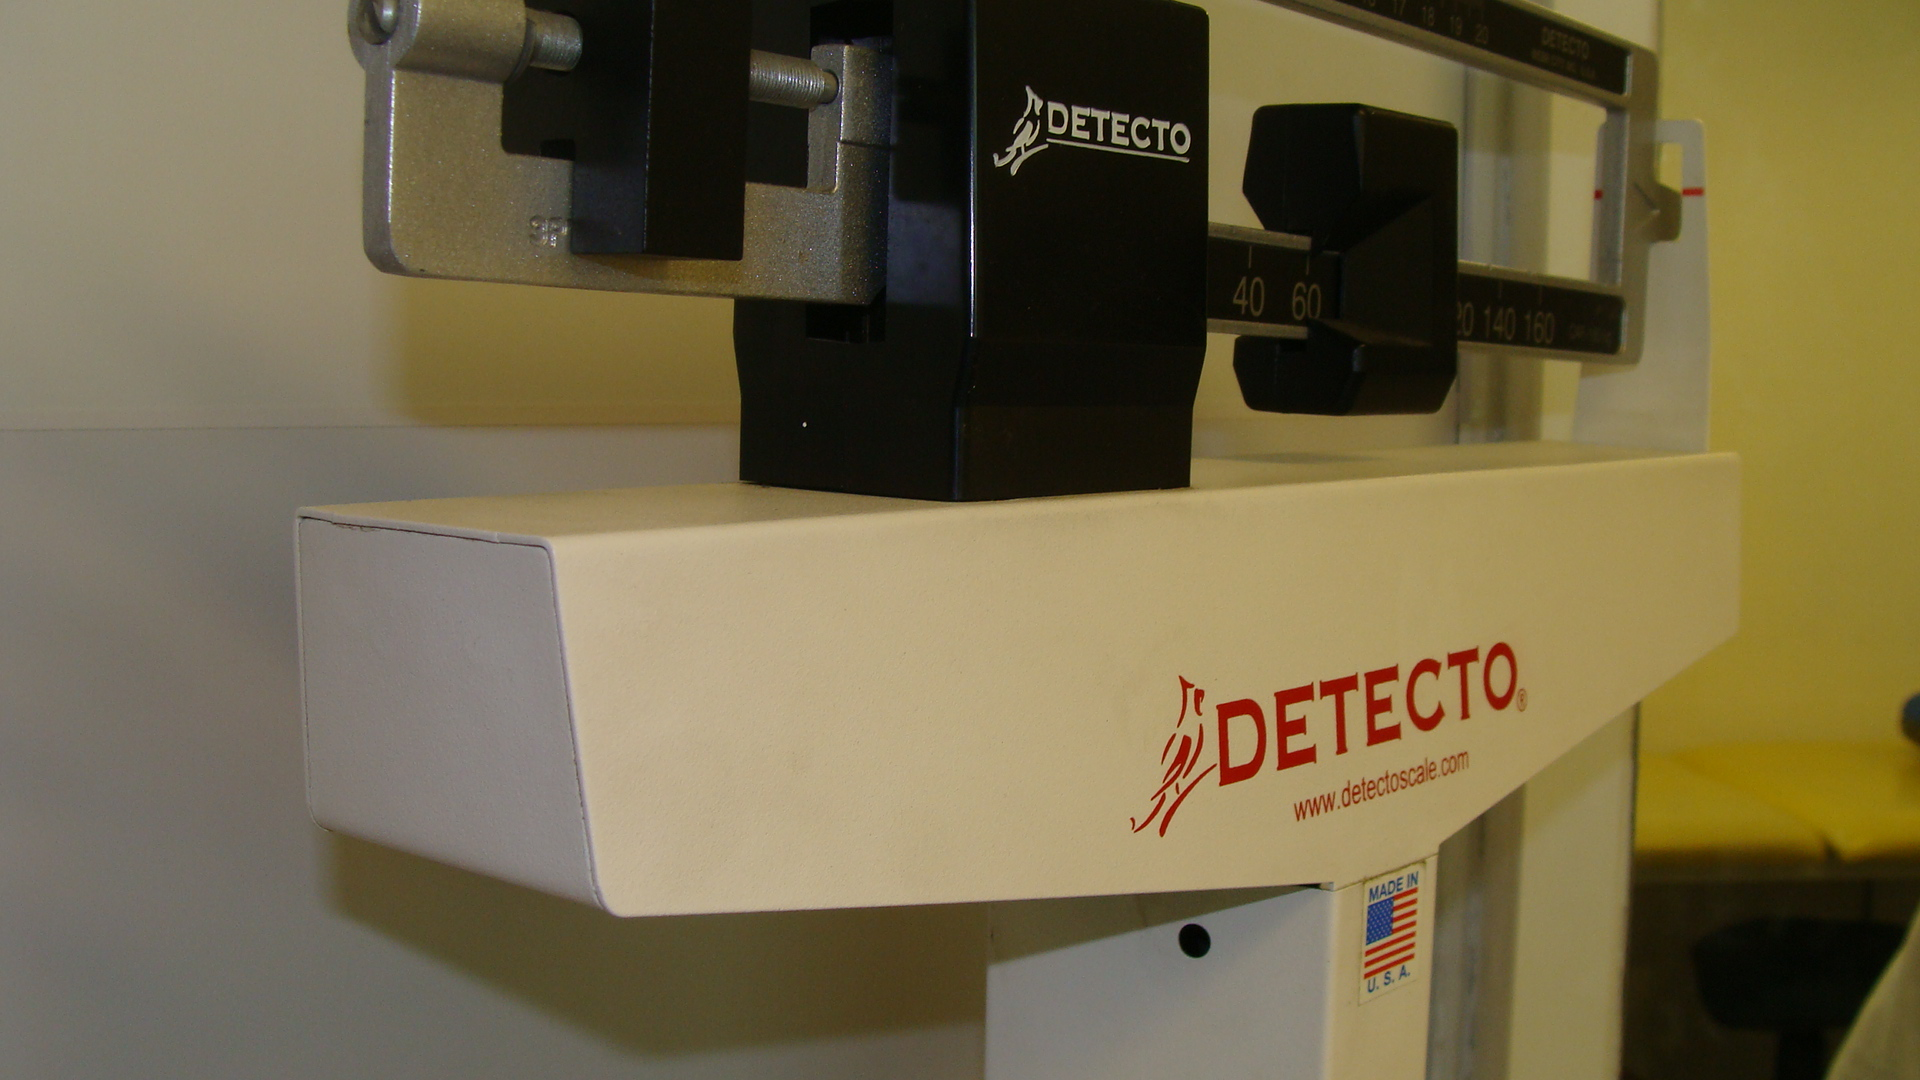 kinesiologia - pesa detecto - clinica de ejercicio kw.JPG